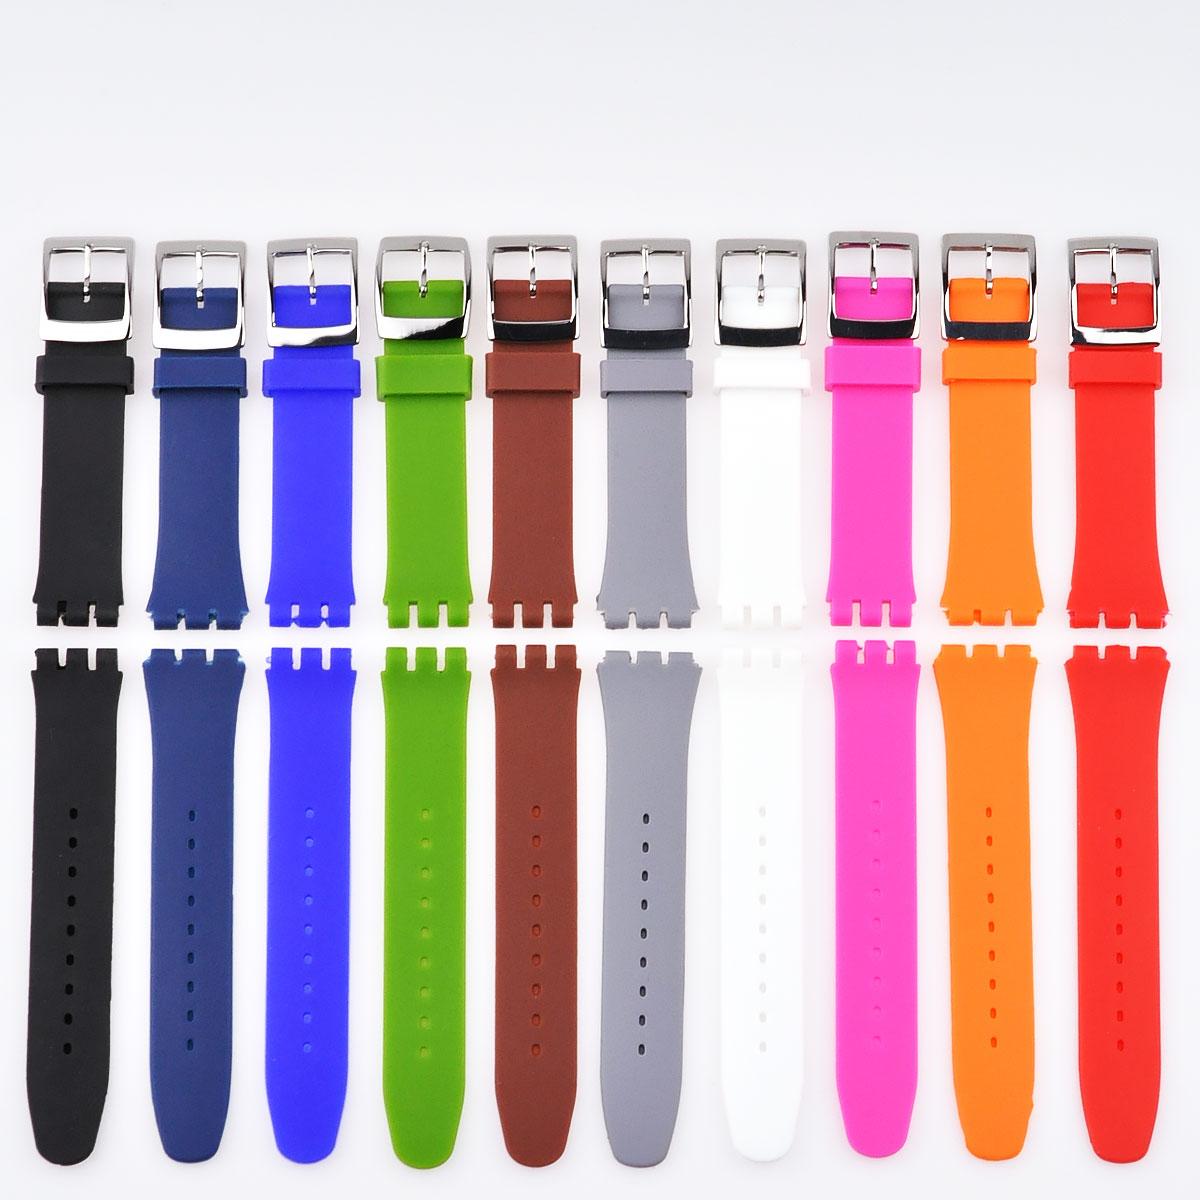 看着手表带更换安全带安装通用皮带安装宽度 17 / 19 毫米适用︰ 色板色板 (扣) 用别针扣 [8-雇员再培训局 025]